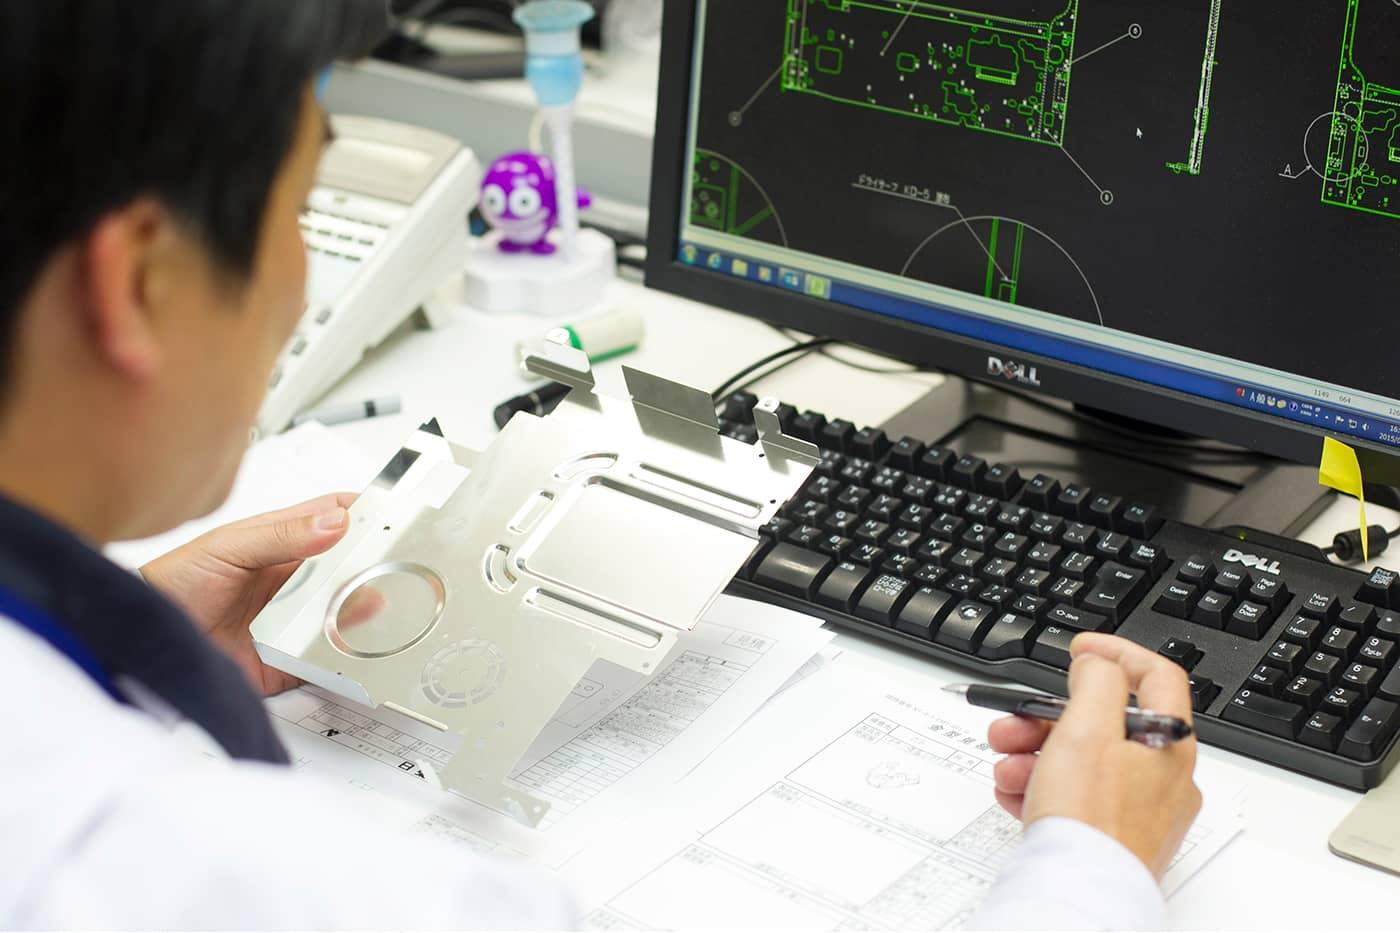 試作品製造から量産まで一貫体制でものづくりに取り組める体制がある。